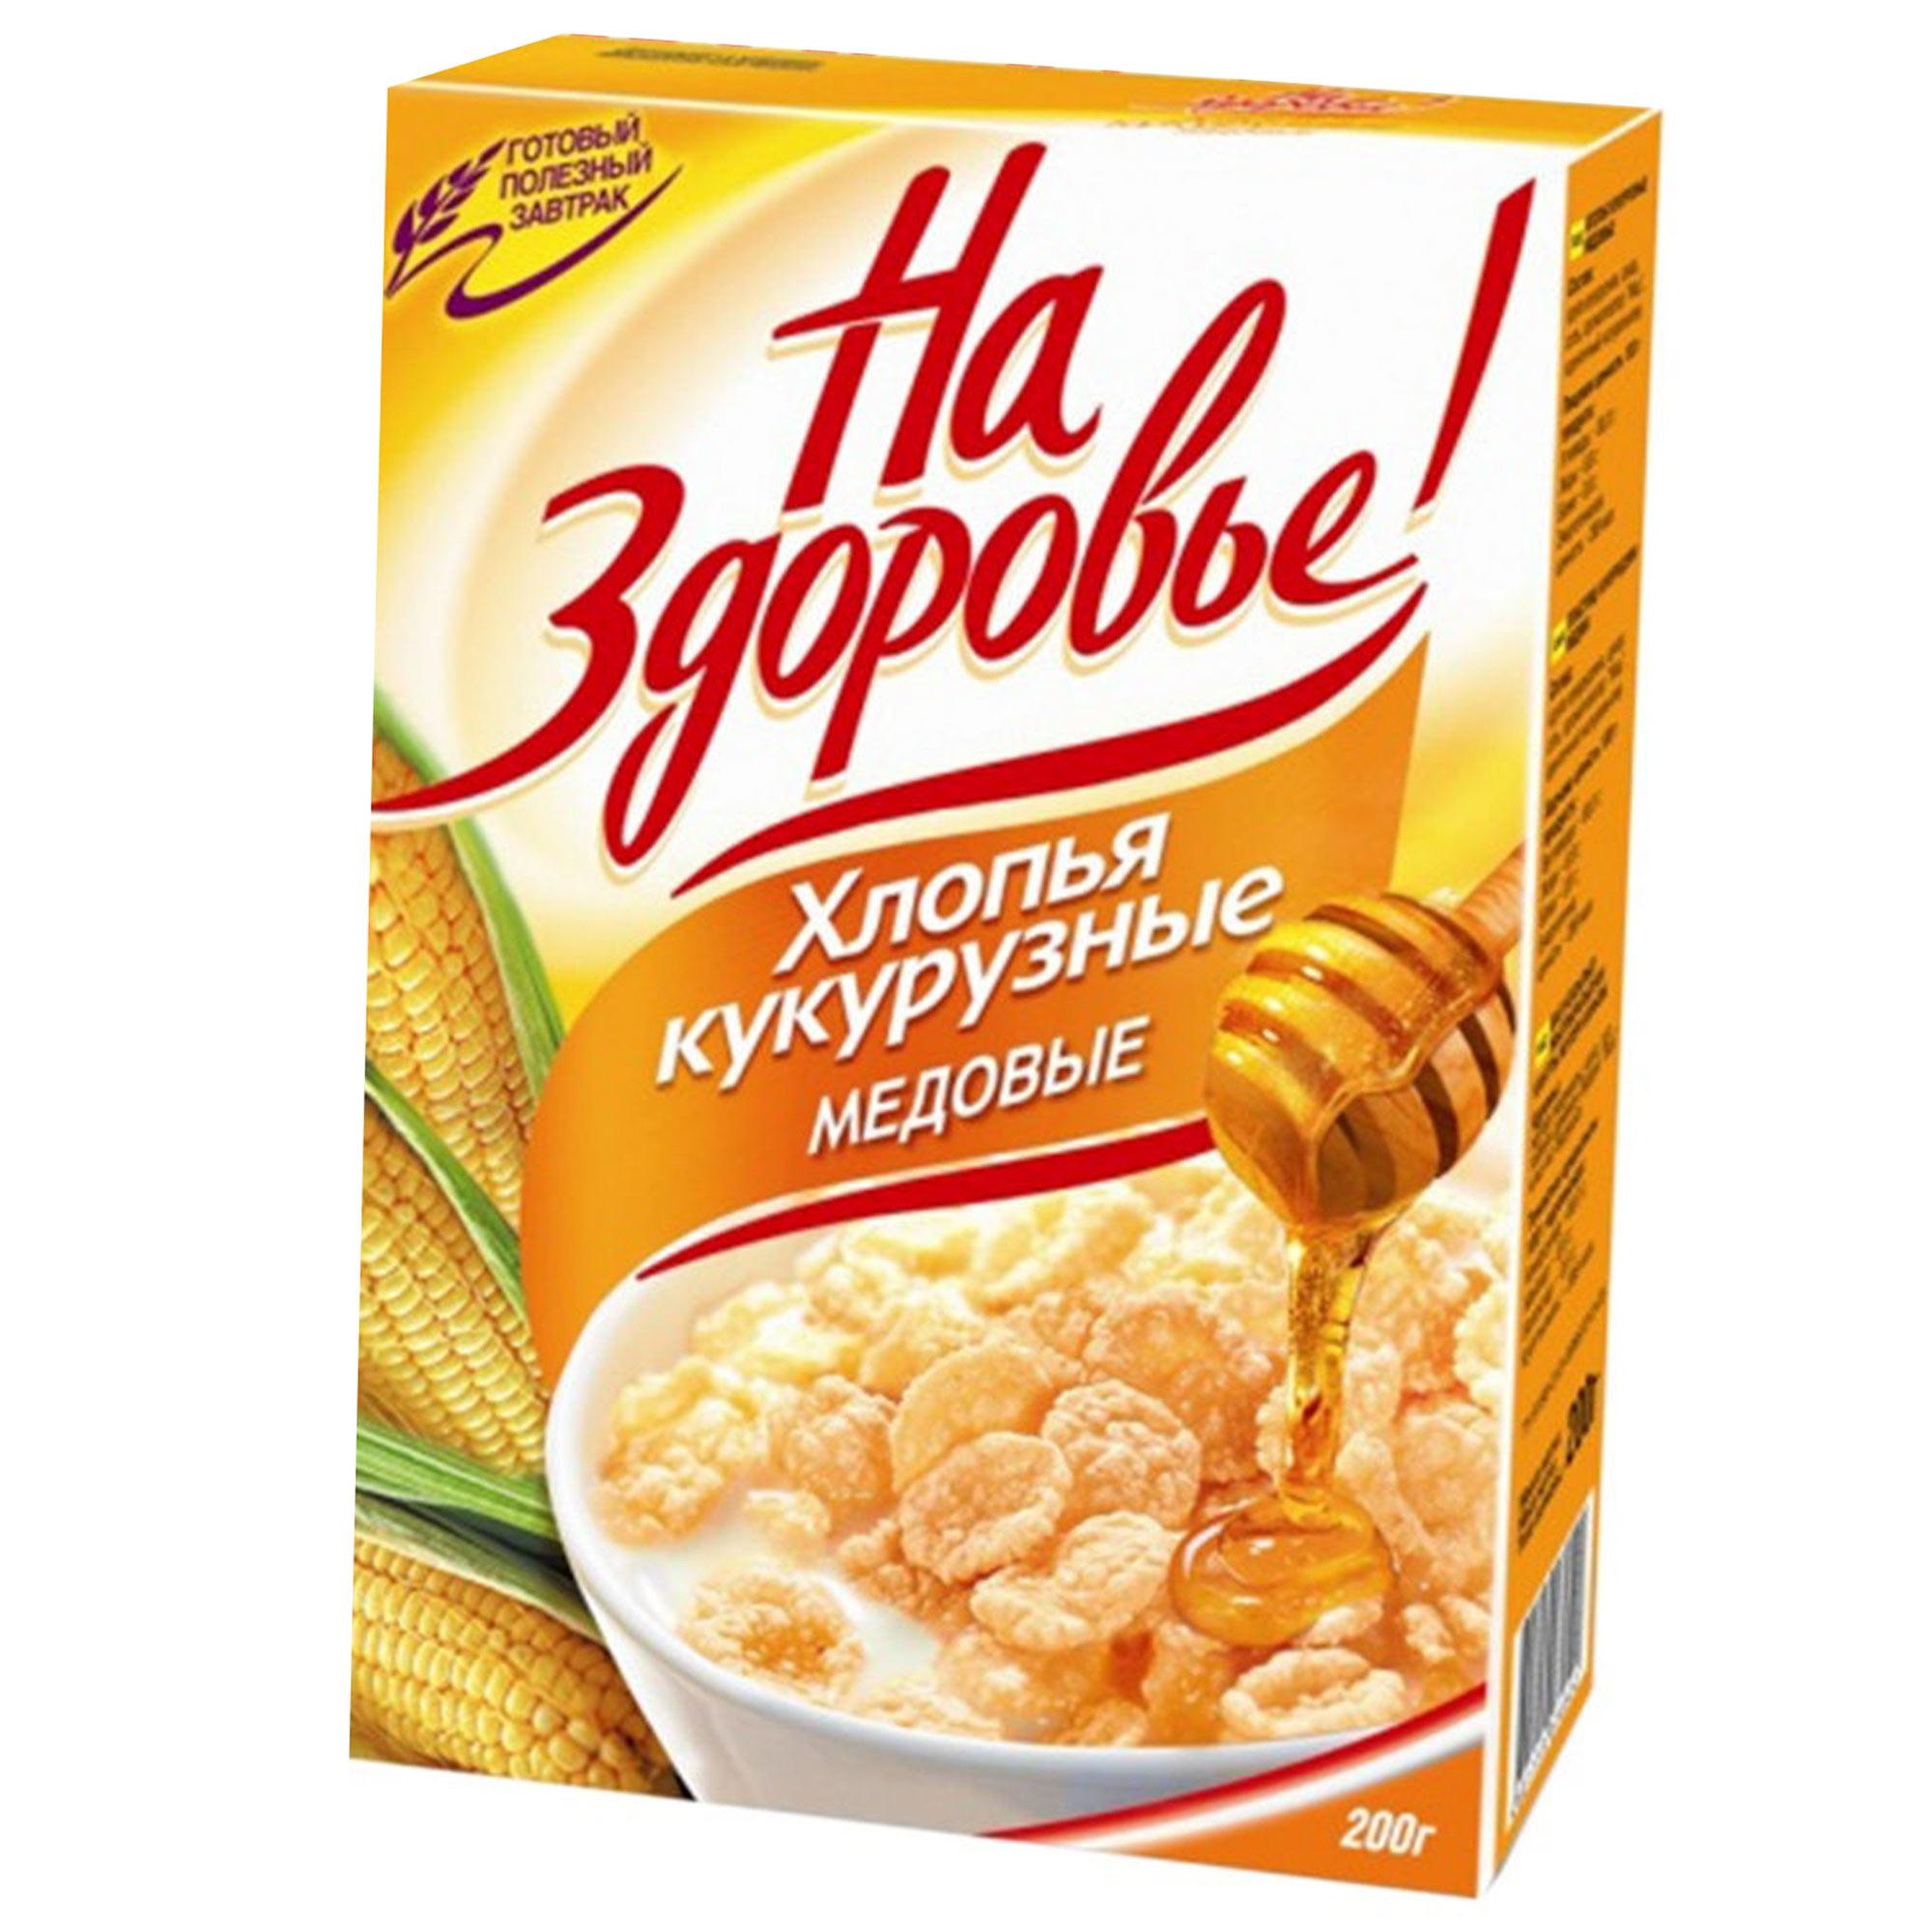 Хлопья кукурузные На Здоровье со вкусом меда 250 г